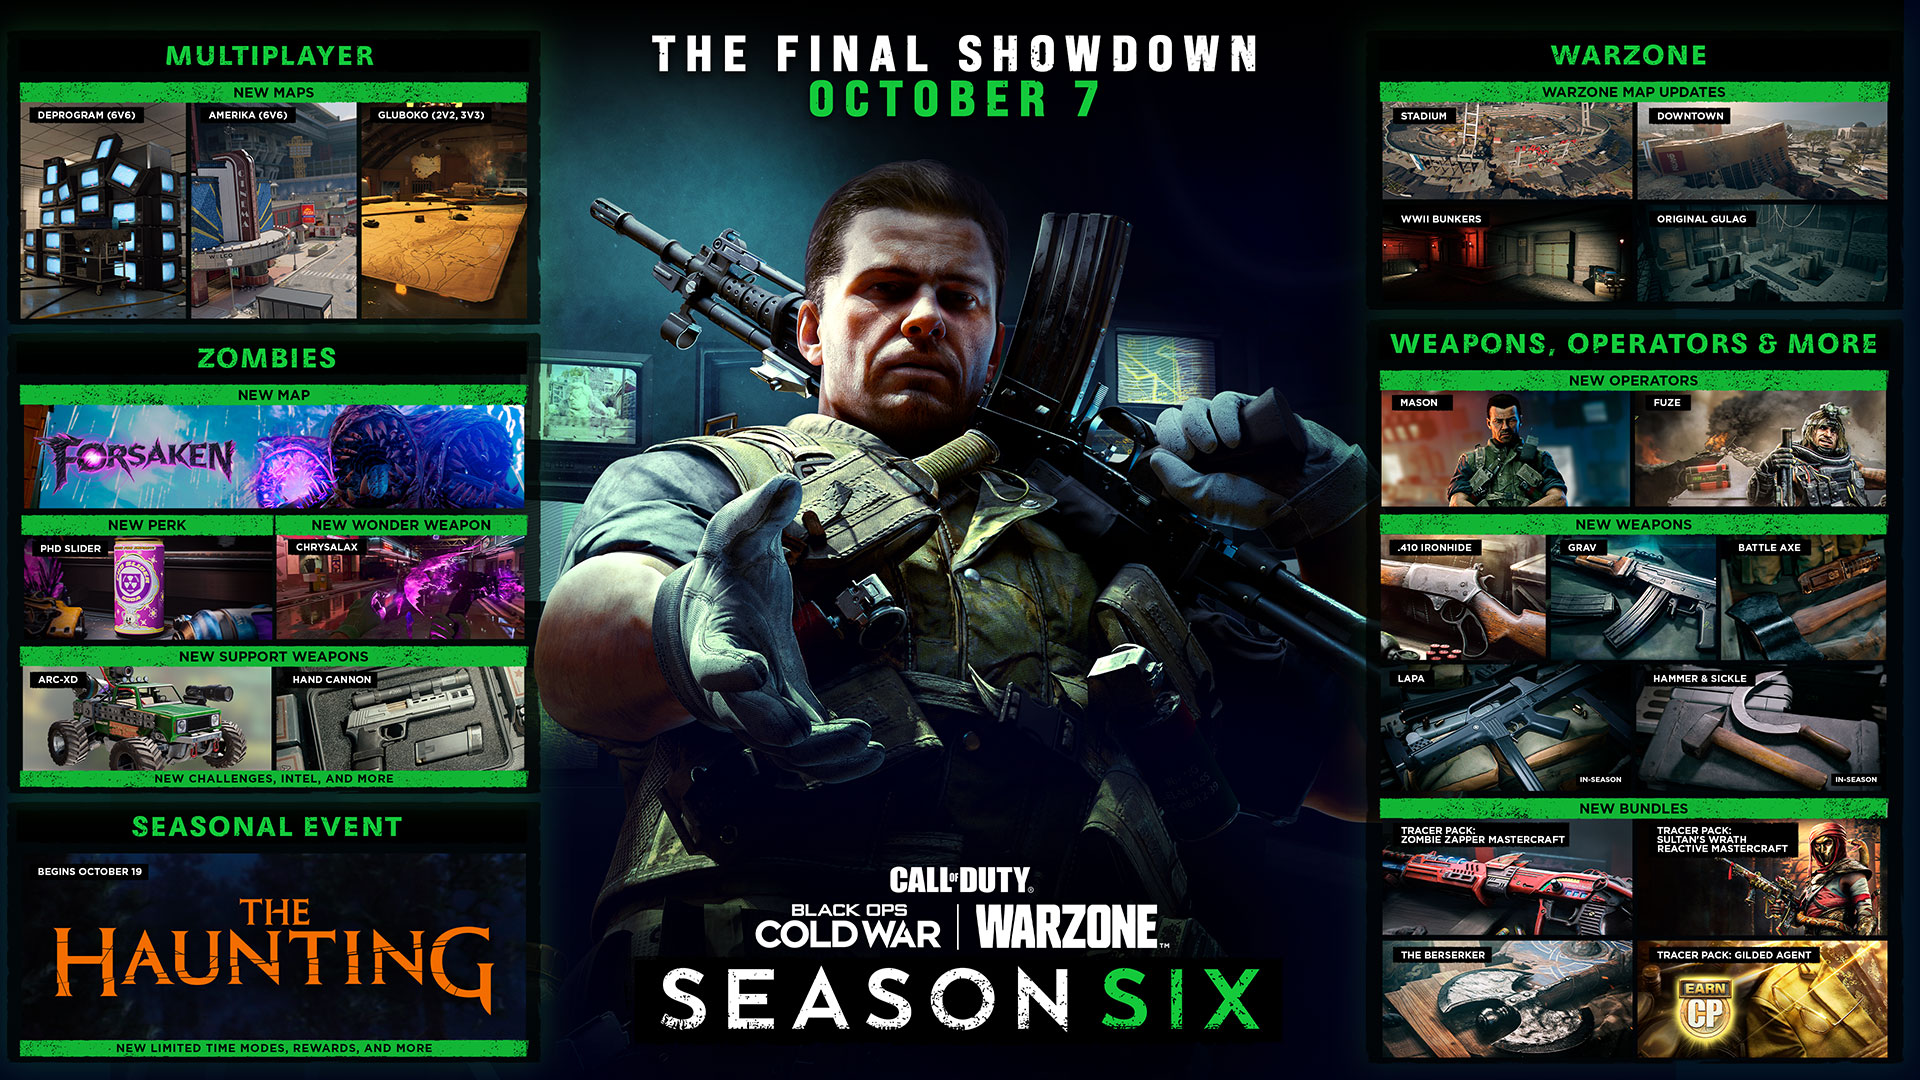 maj-saison-6-warzone-cold-war-call-of-duty